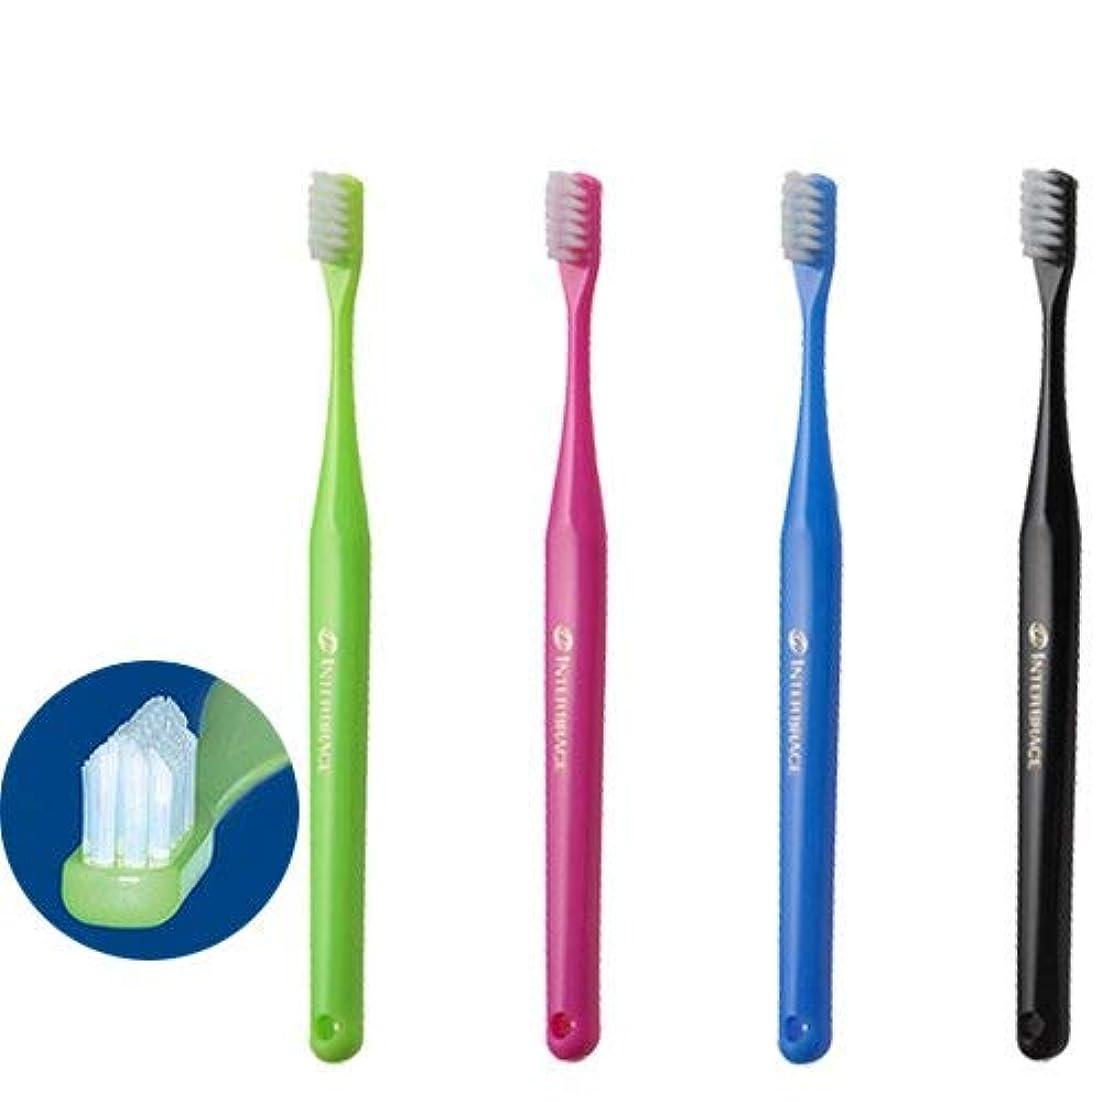 元気な服スマッシュインターブレイス (INTER BRACE) ×8本 矯正用歯ブラシ 歯科医院取扱品